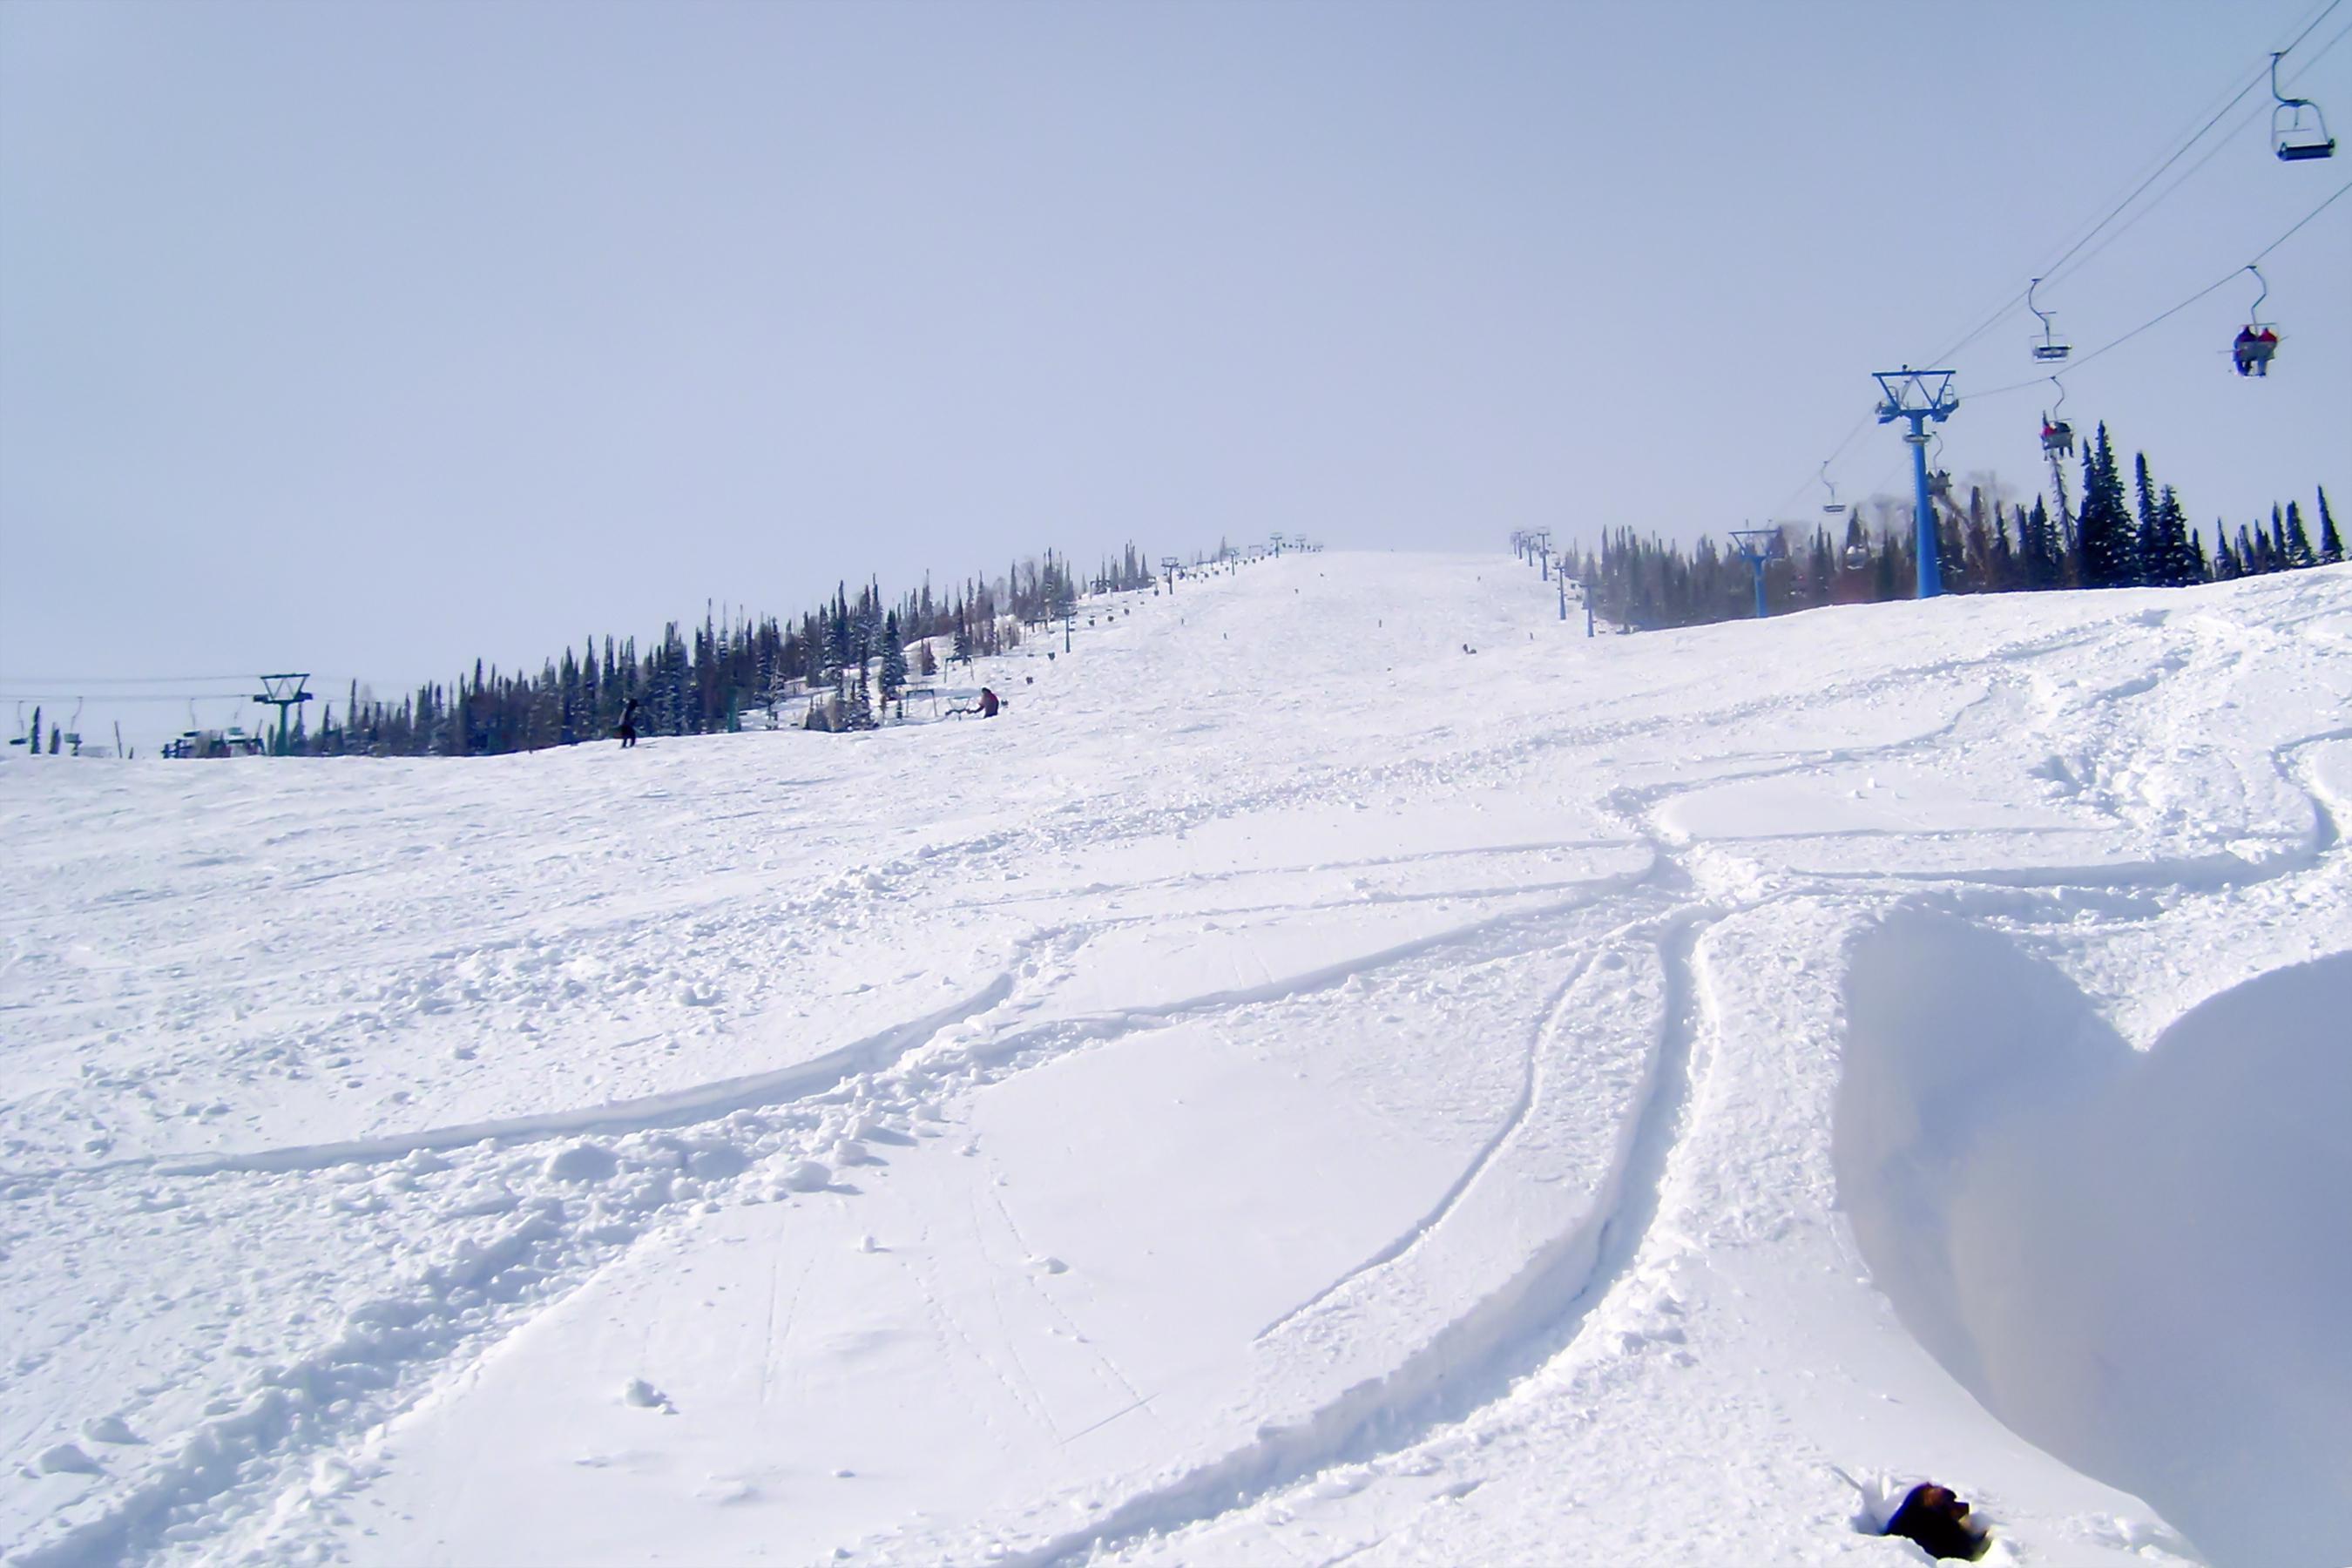 Gongchangling Hot Spring and Ski Resort